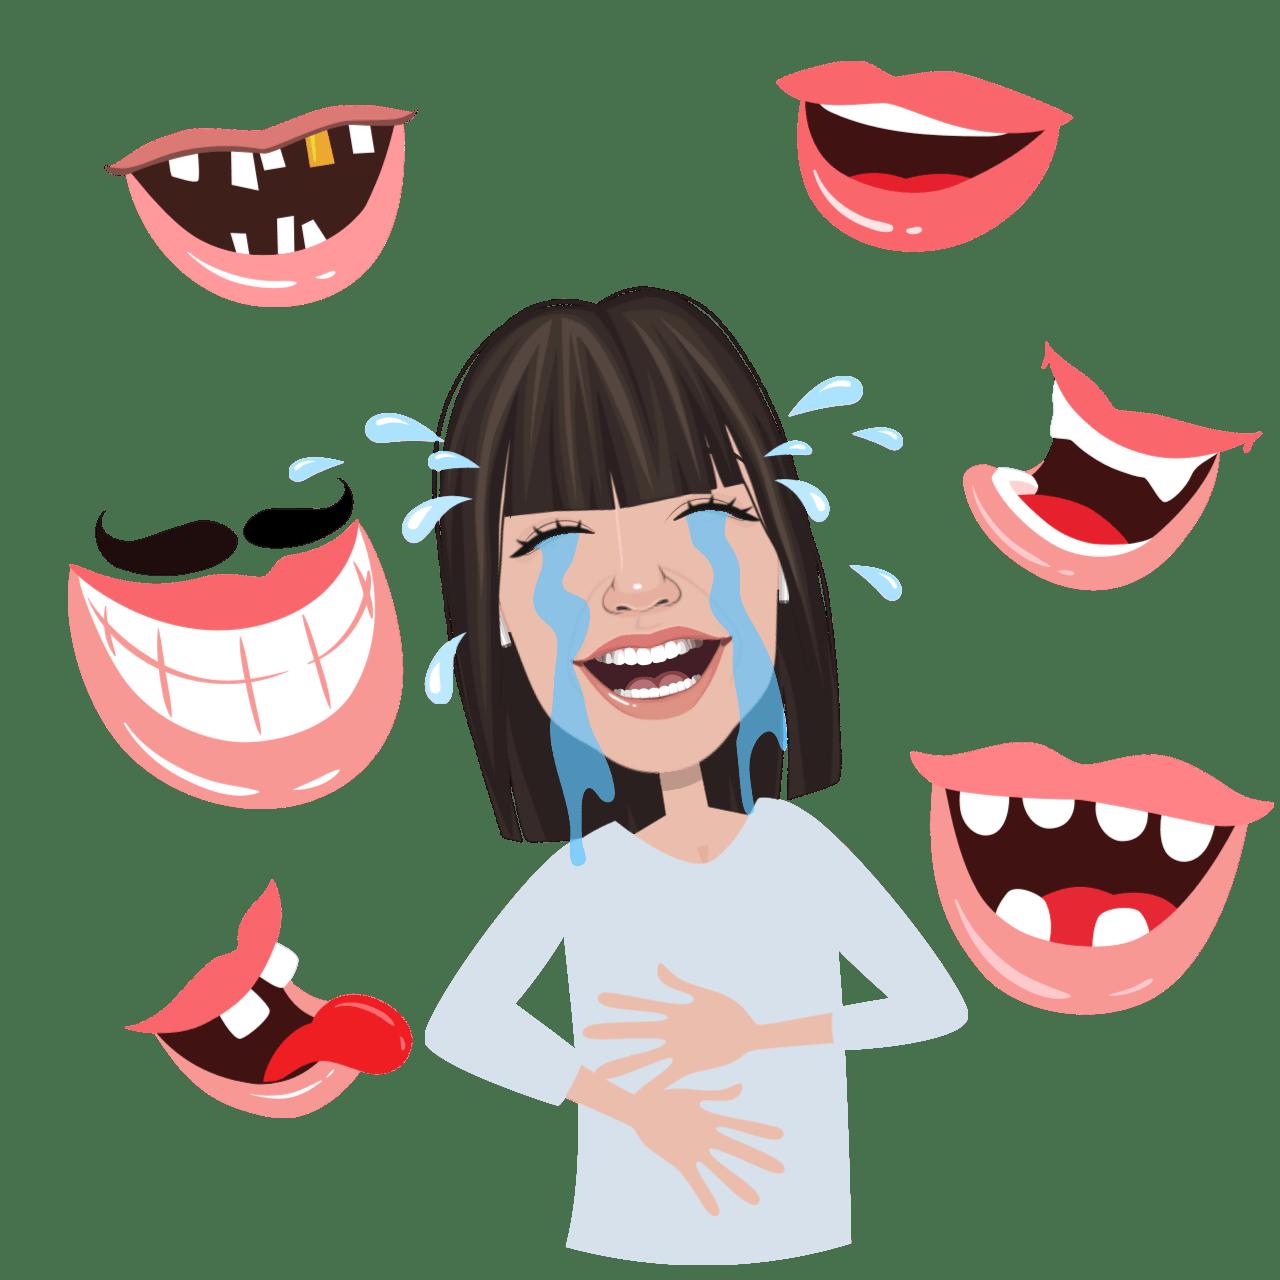 les bénéfices du rire